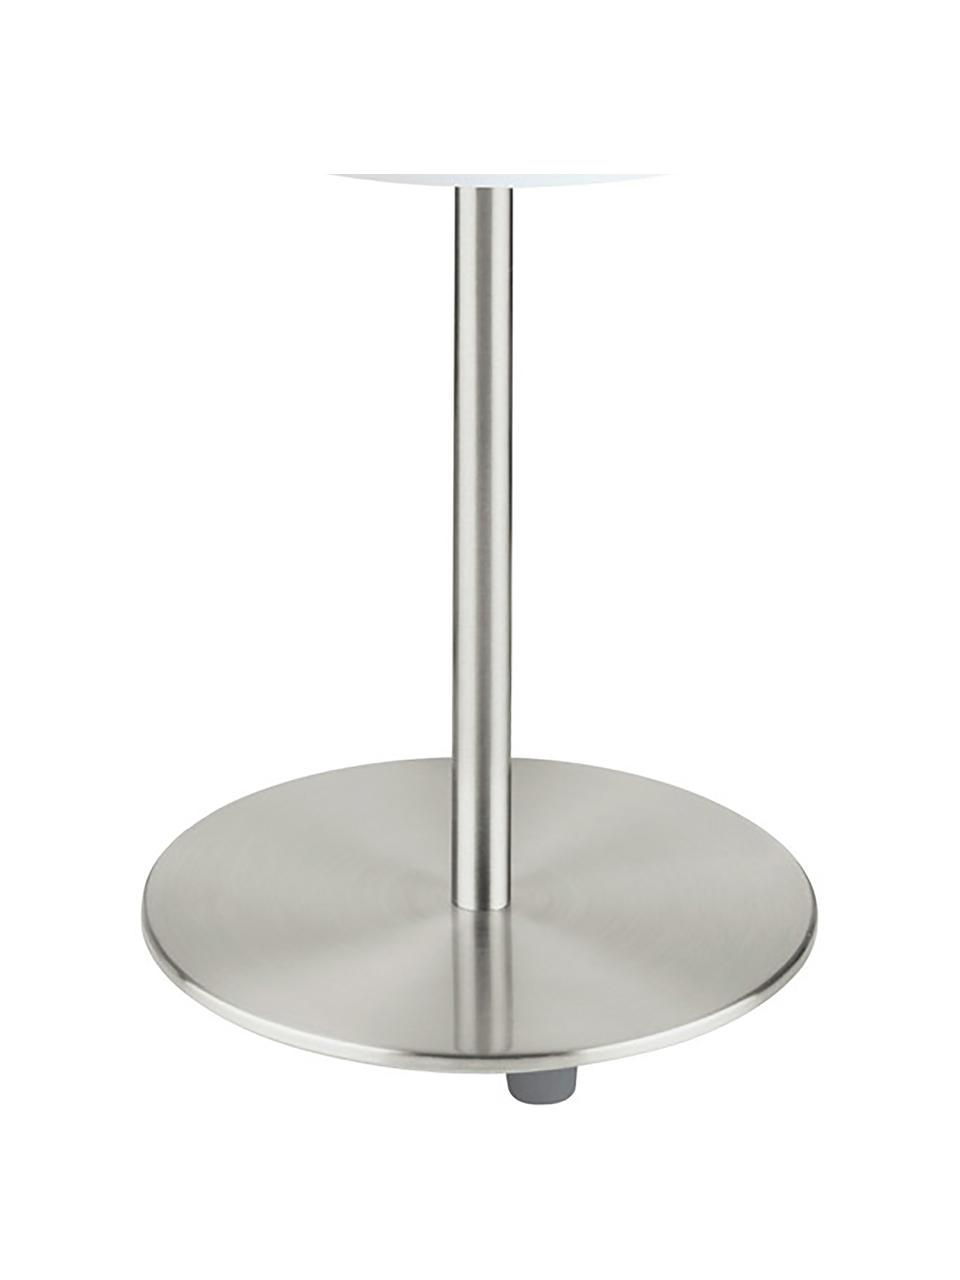 Lampada da tavolo classica Mick, Paralume: tessuto, Base della lampada: metallo nichelato, Bianco, argentato, Ø 18 x Alt. 40 cm